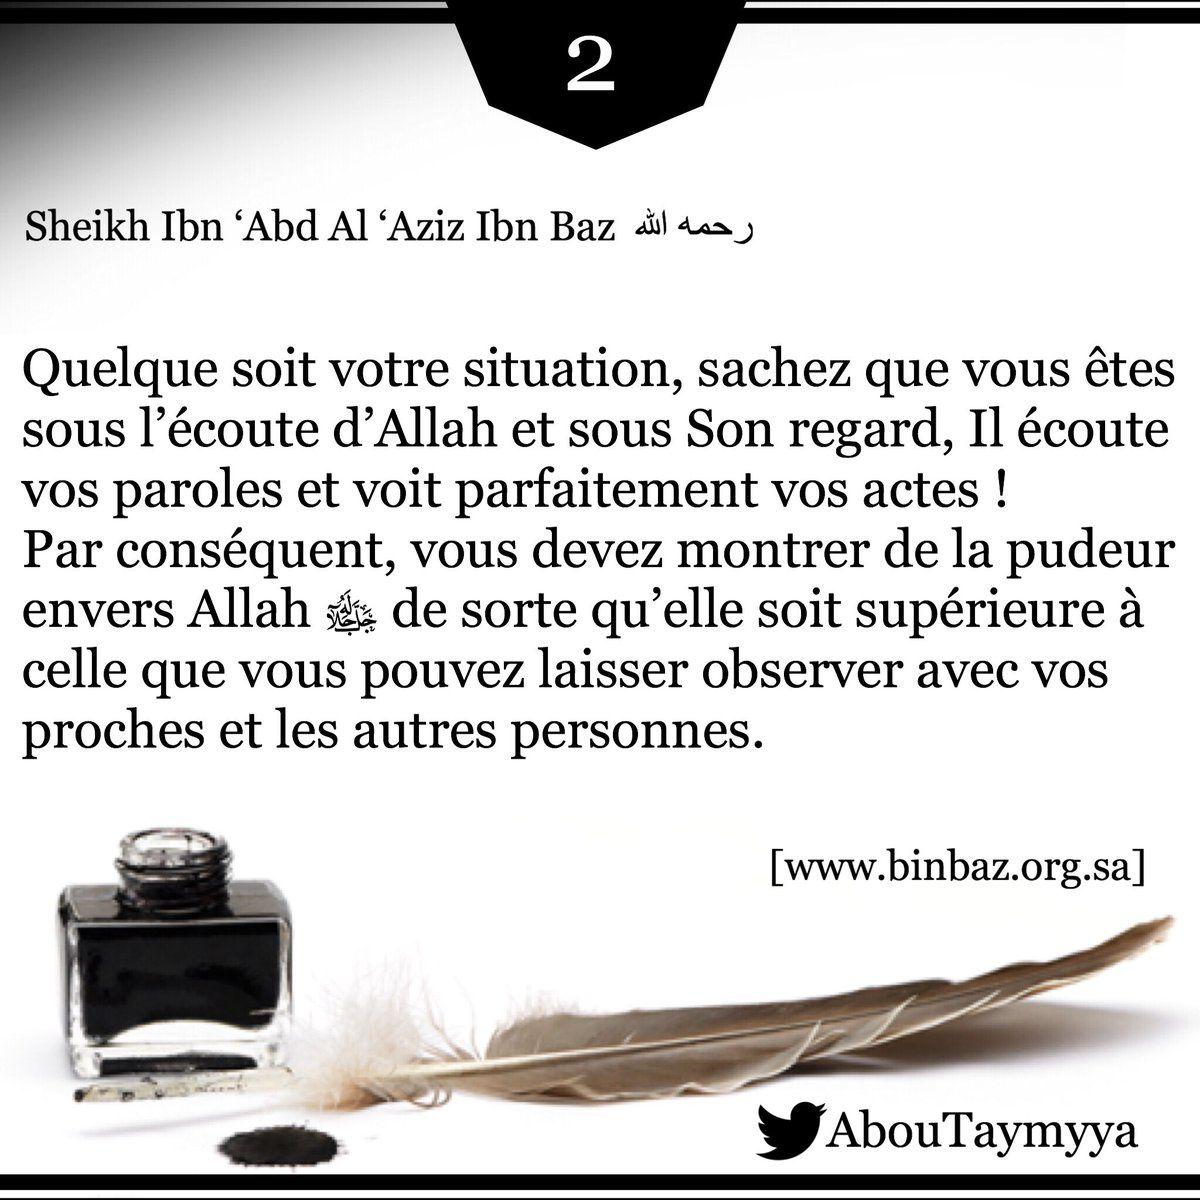 Quelque soit votre situation, sachez que vous êtes sous l'écoute d'Allah et sous Son regard...